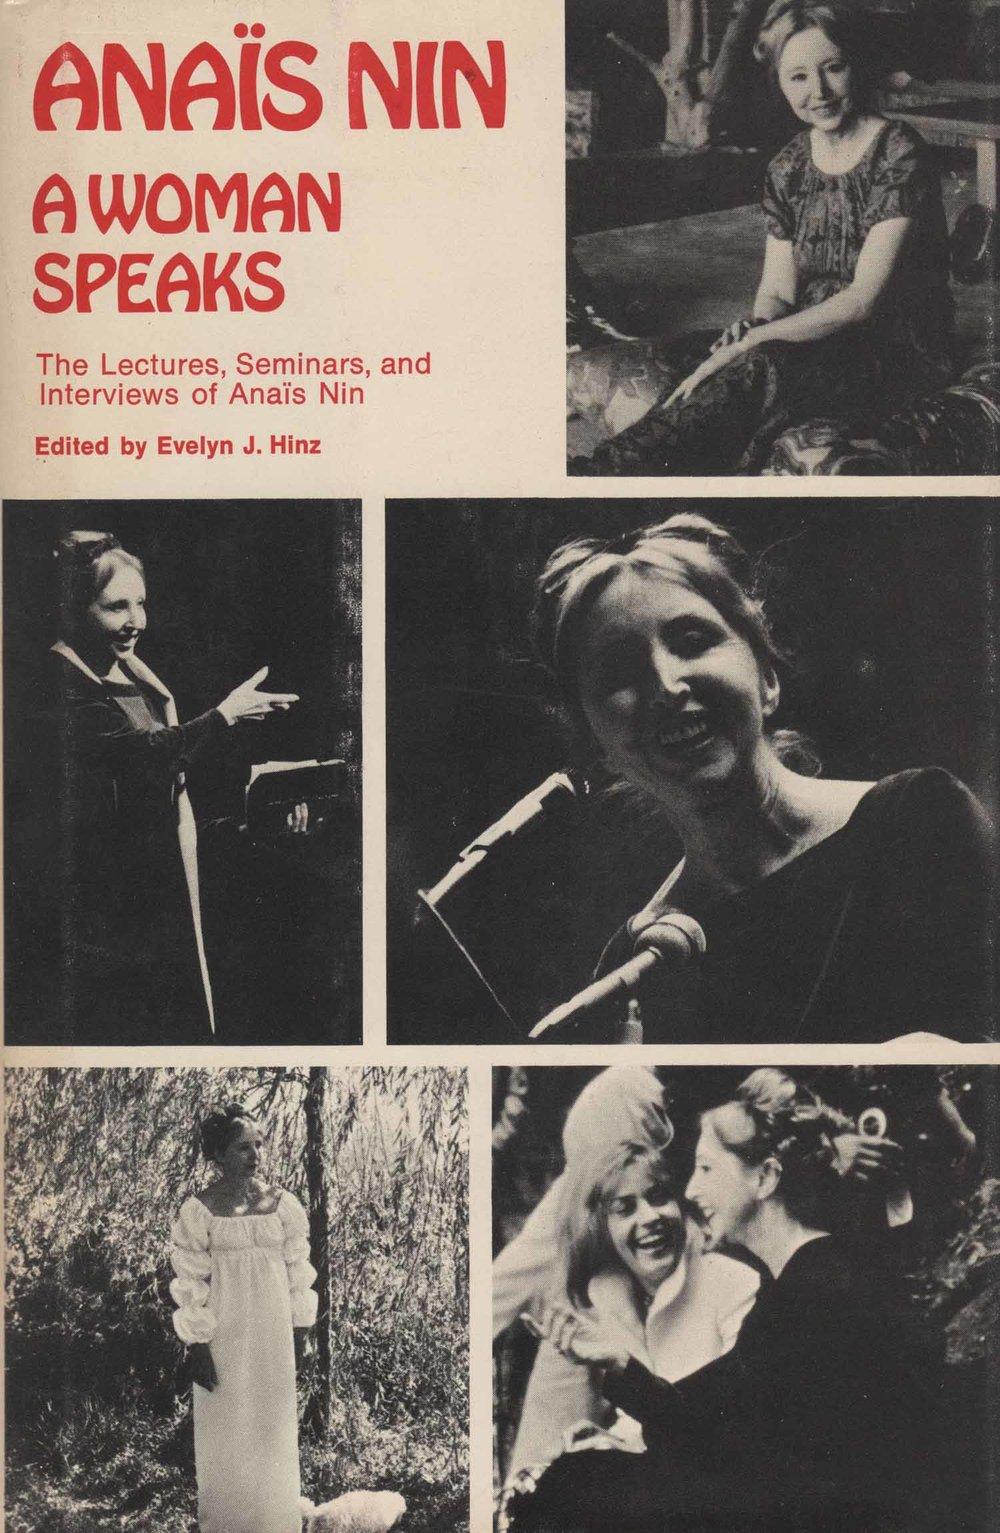 A Woman Speaks